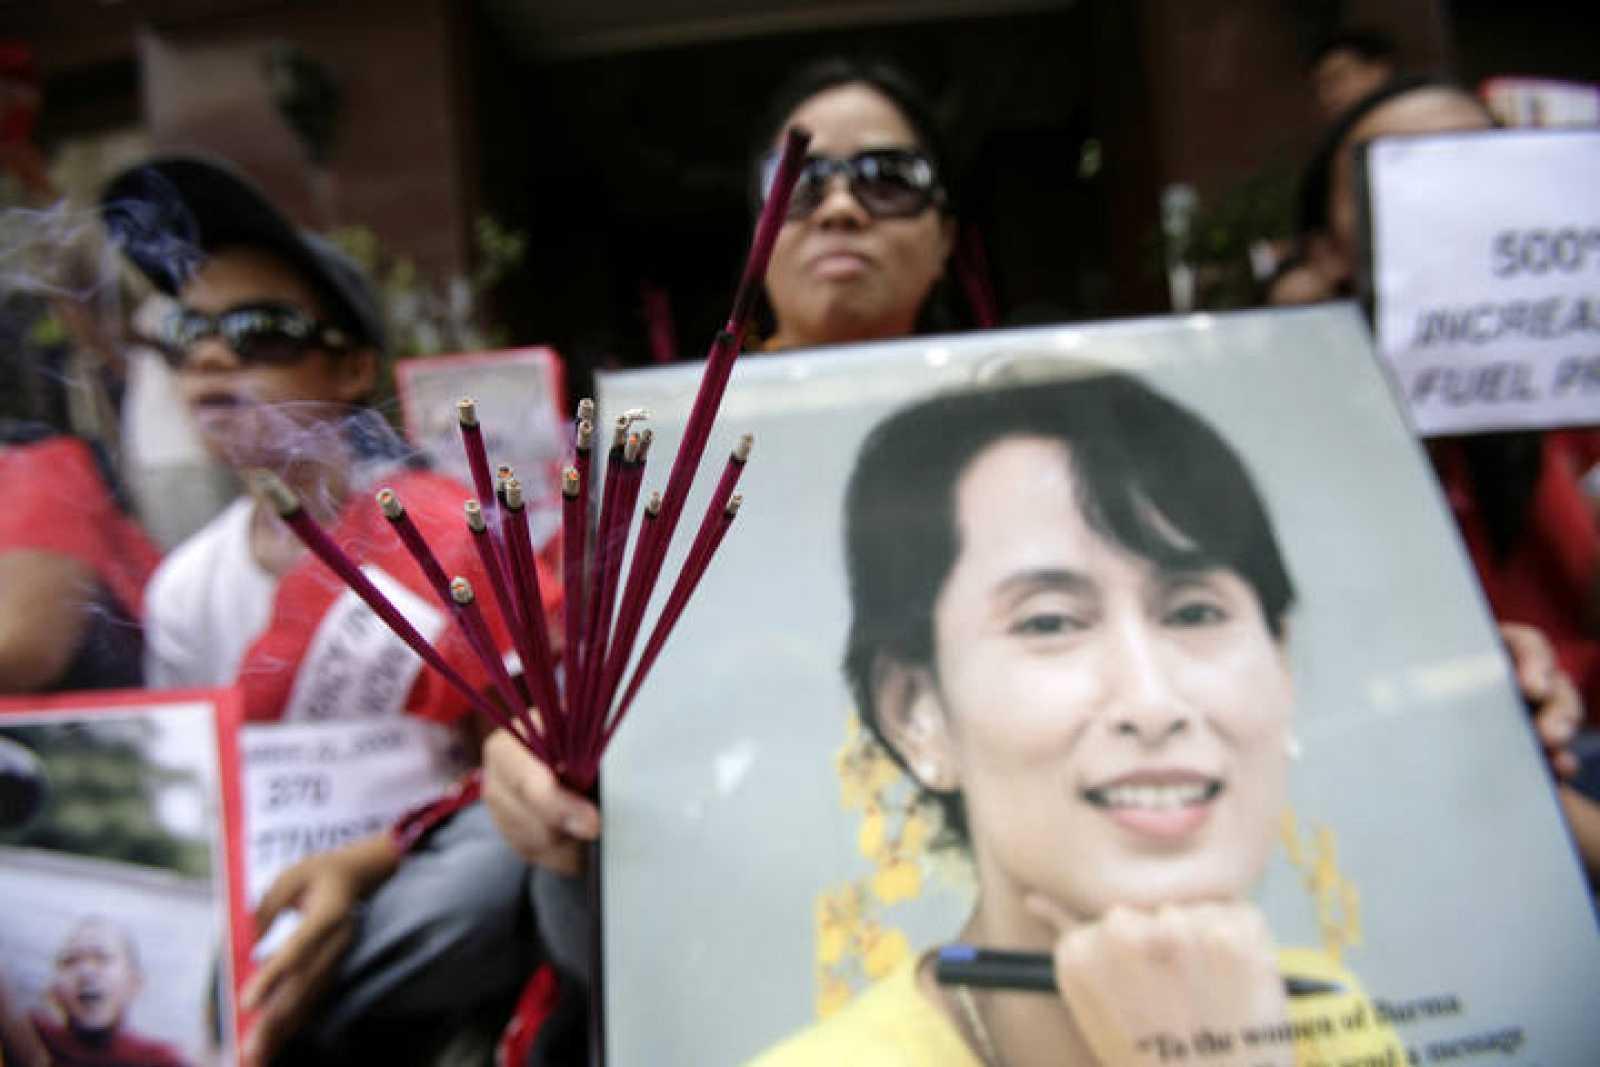 Un activista sostiene una pancarta pidiendo la liberación de San Suu Kyi.